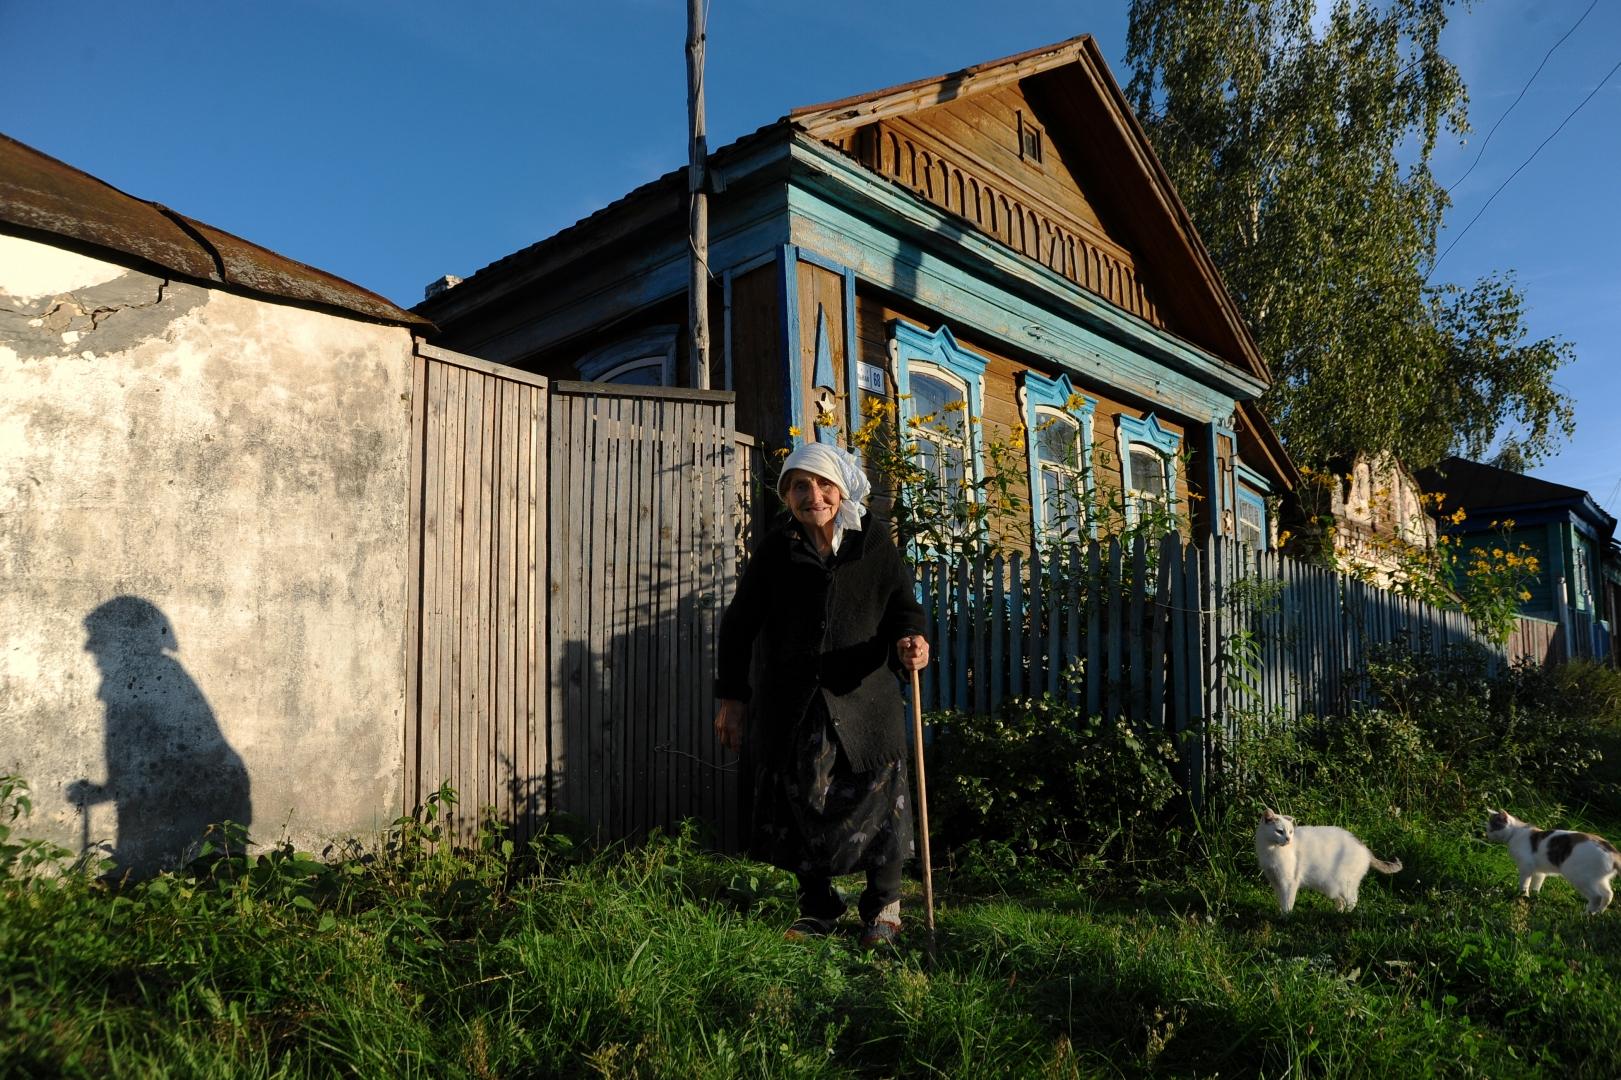 8909a5d593ac Деревянных домов без современного ремонта в деревне осталось мало